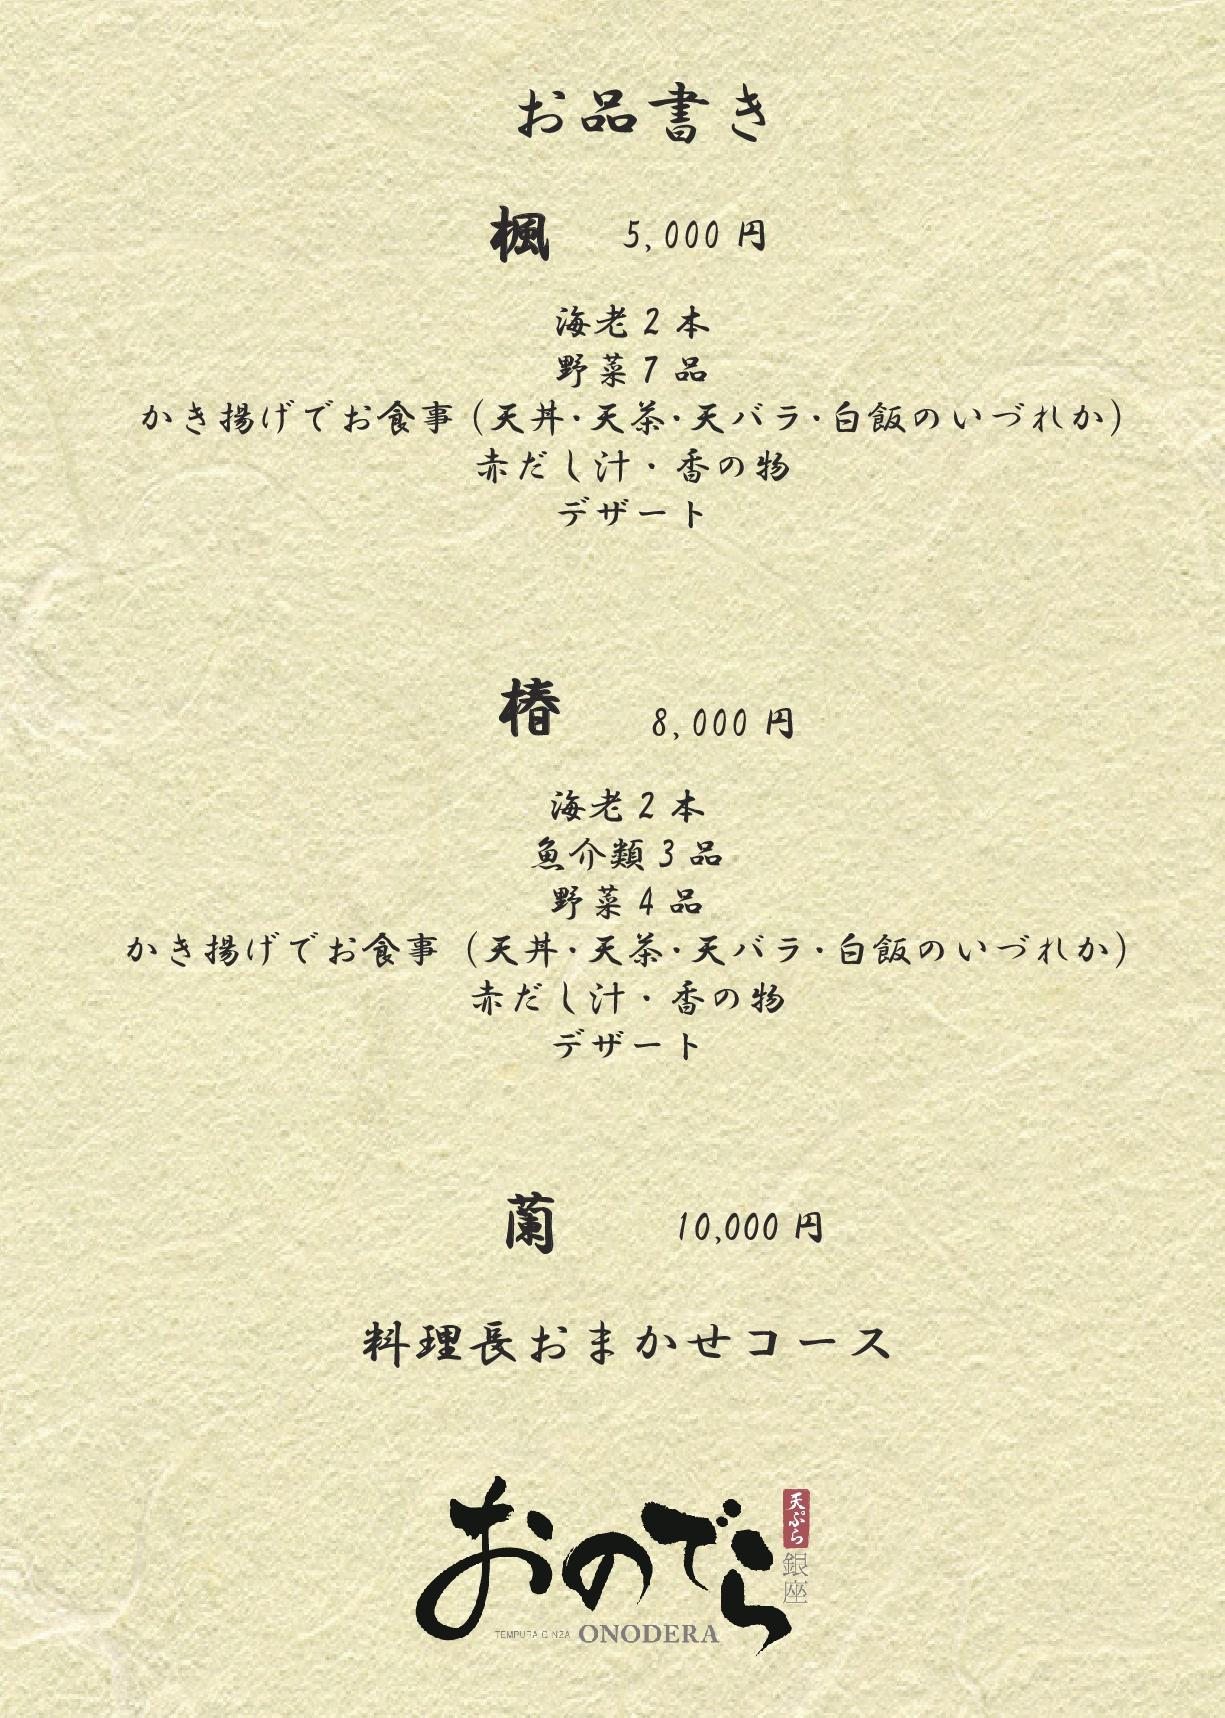 天ぷら [銀座店] ランチメニュー2